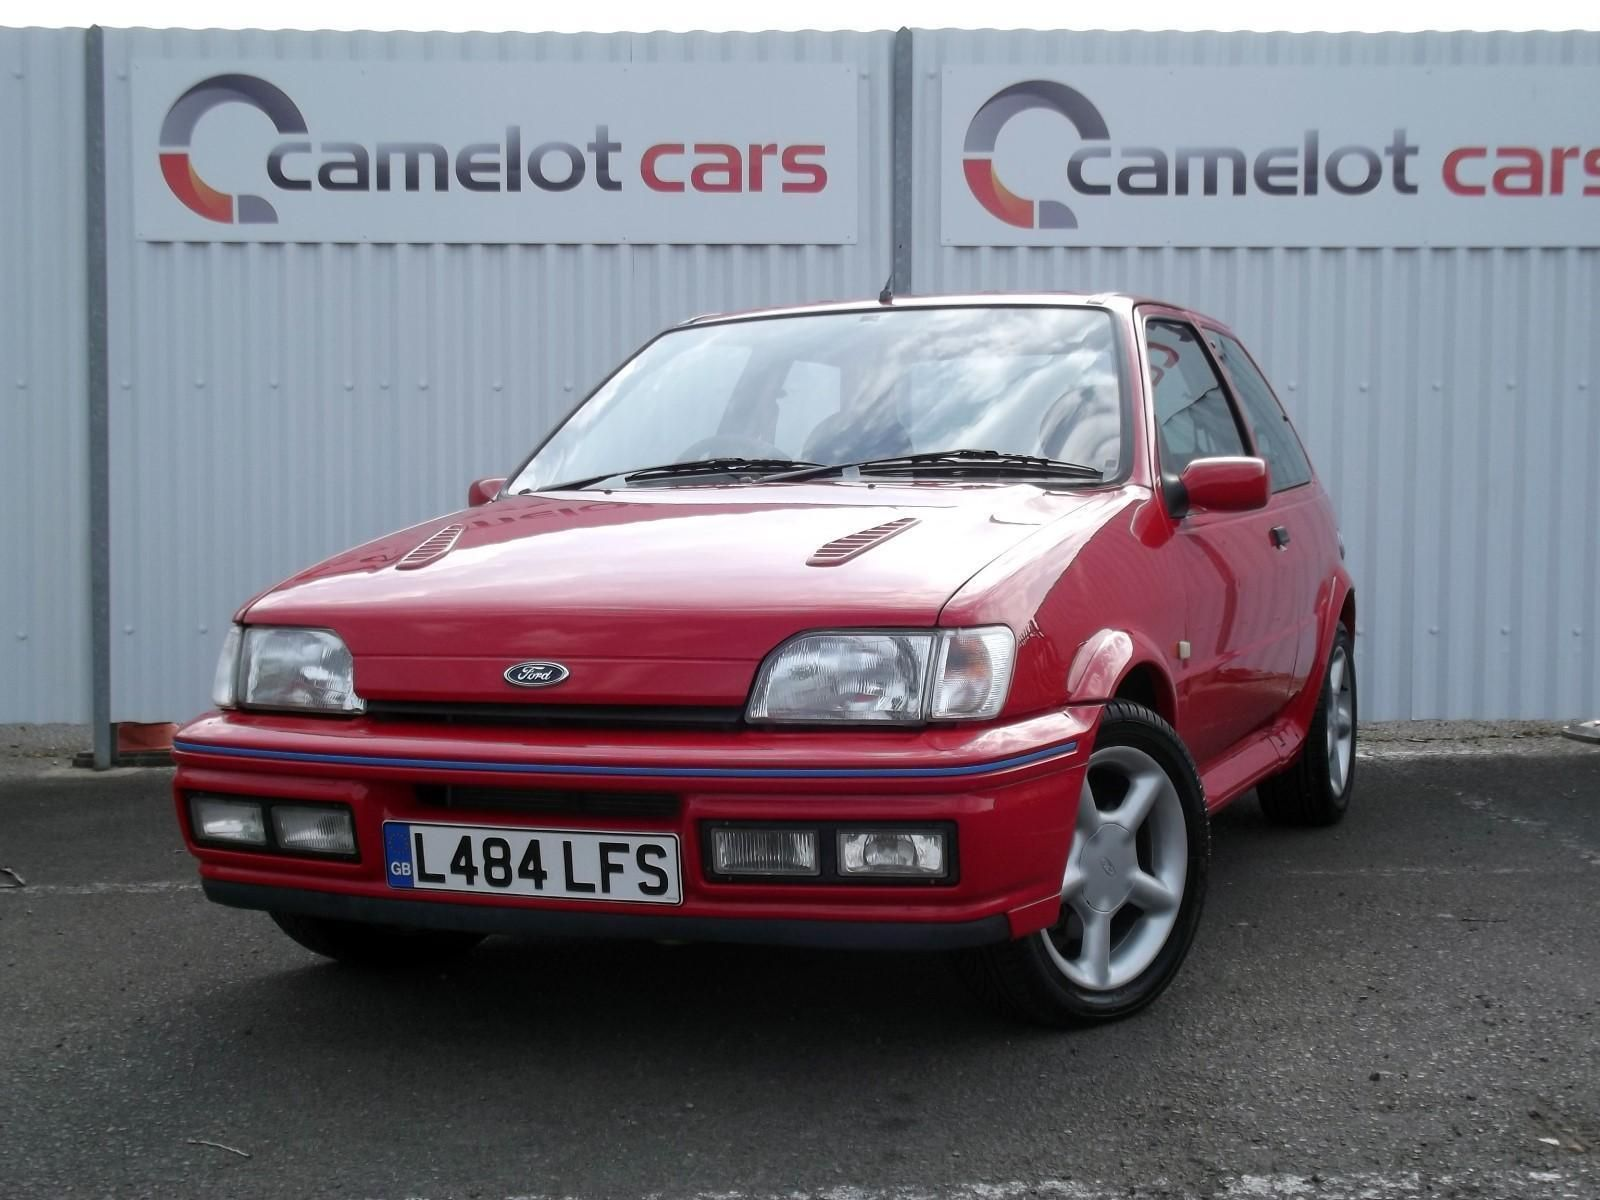 1994 Ford Fiesta Xr2i 16v 1 8 Petrol Red Hatchback July 2018 Mot